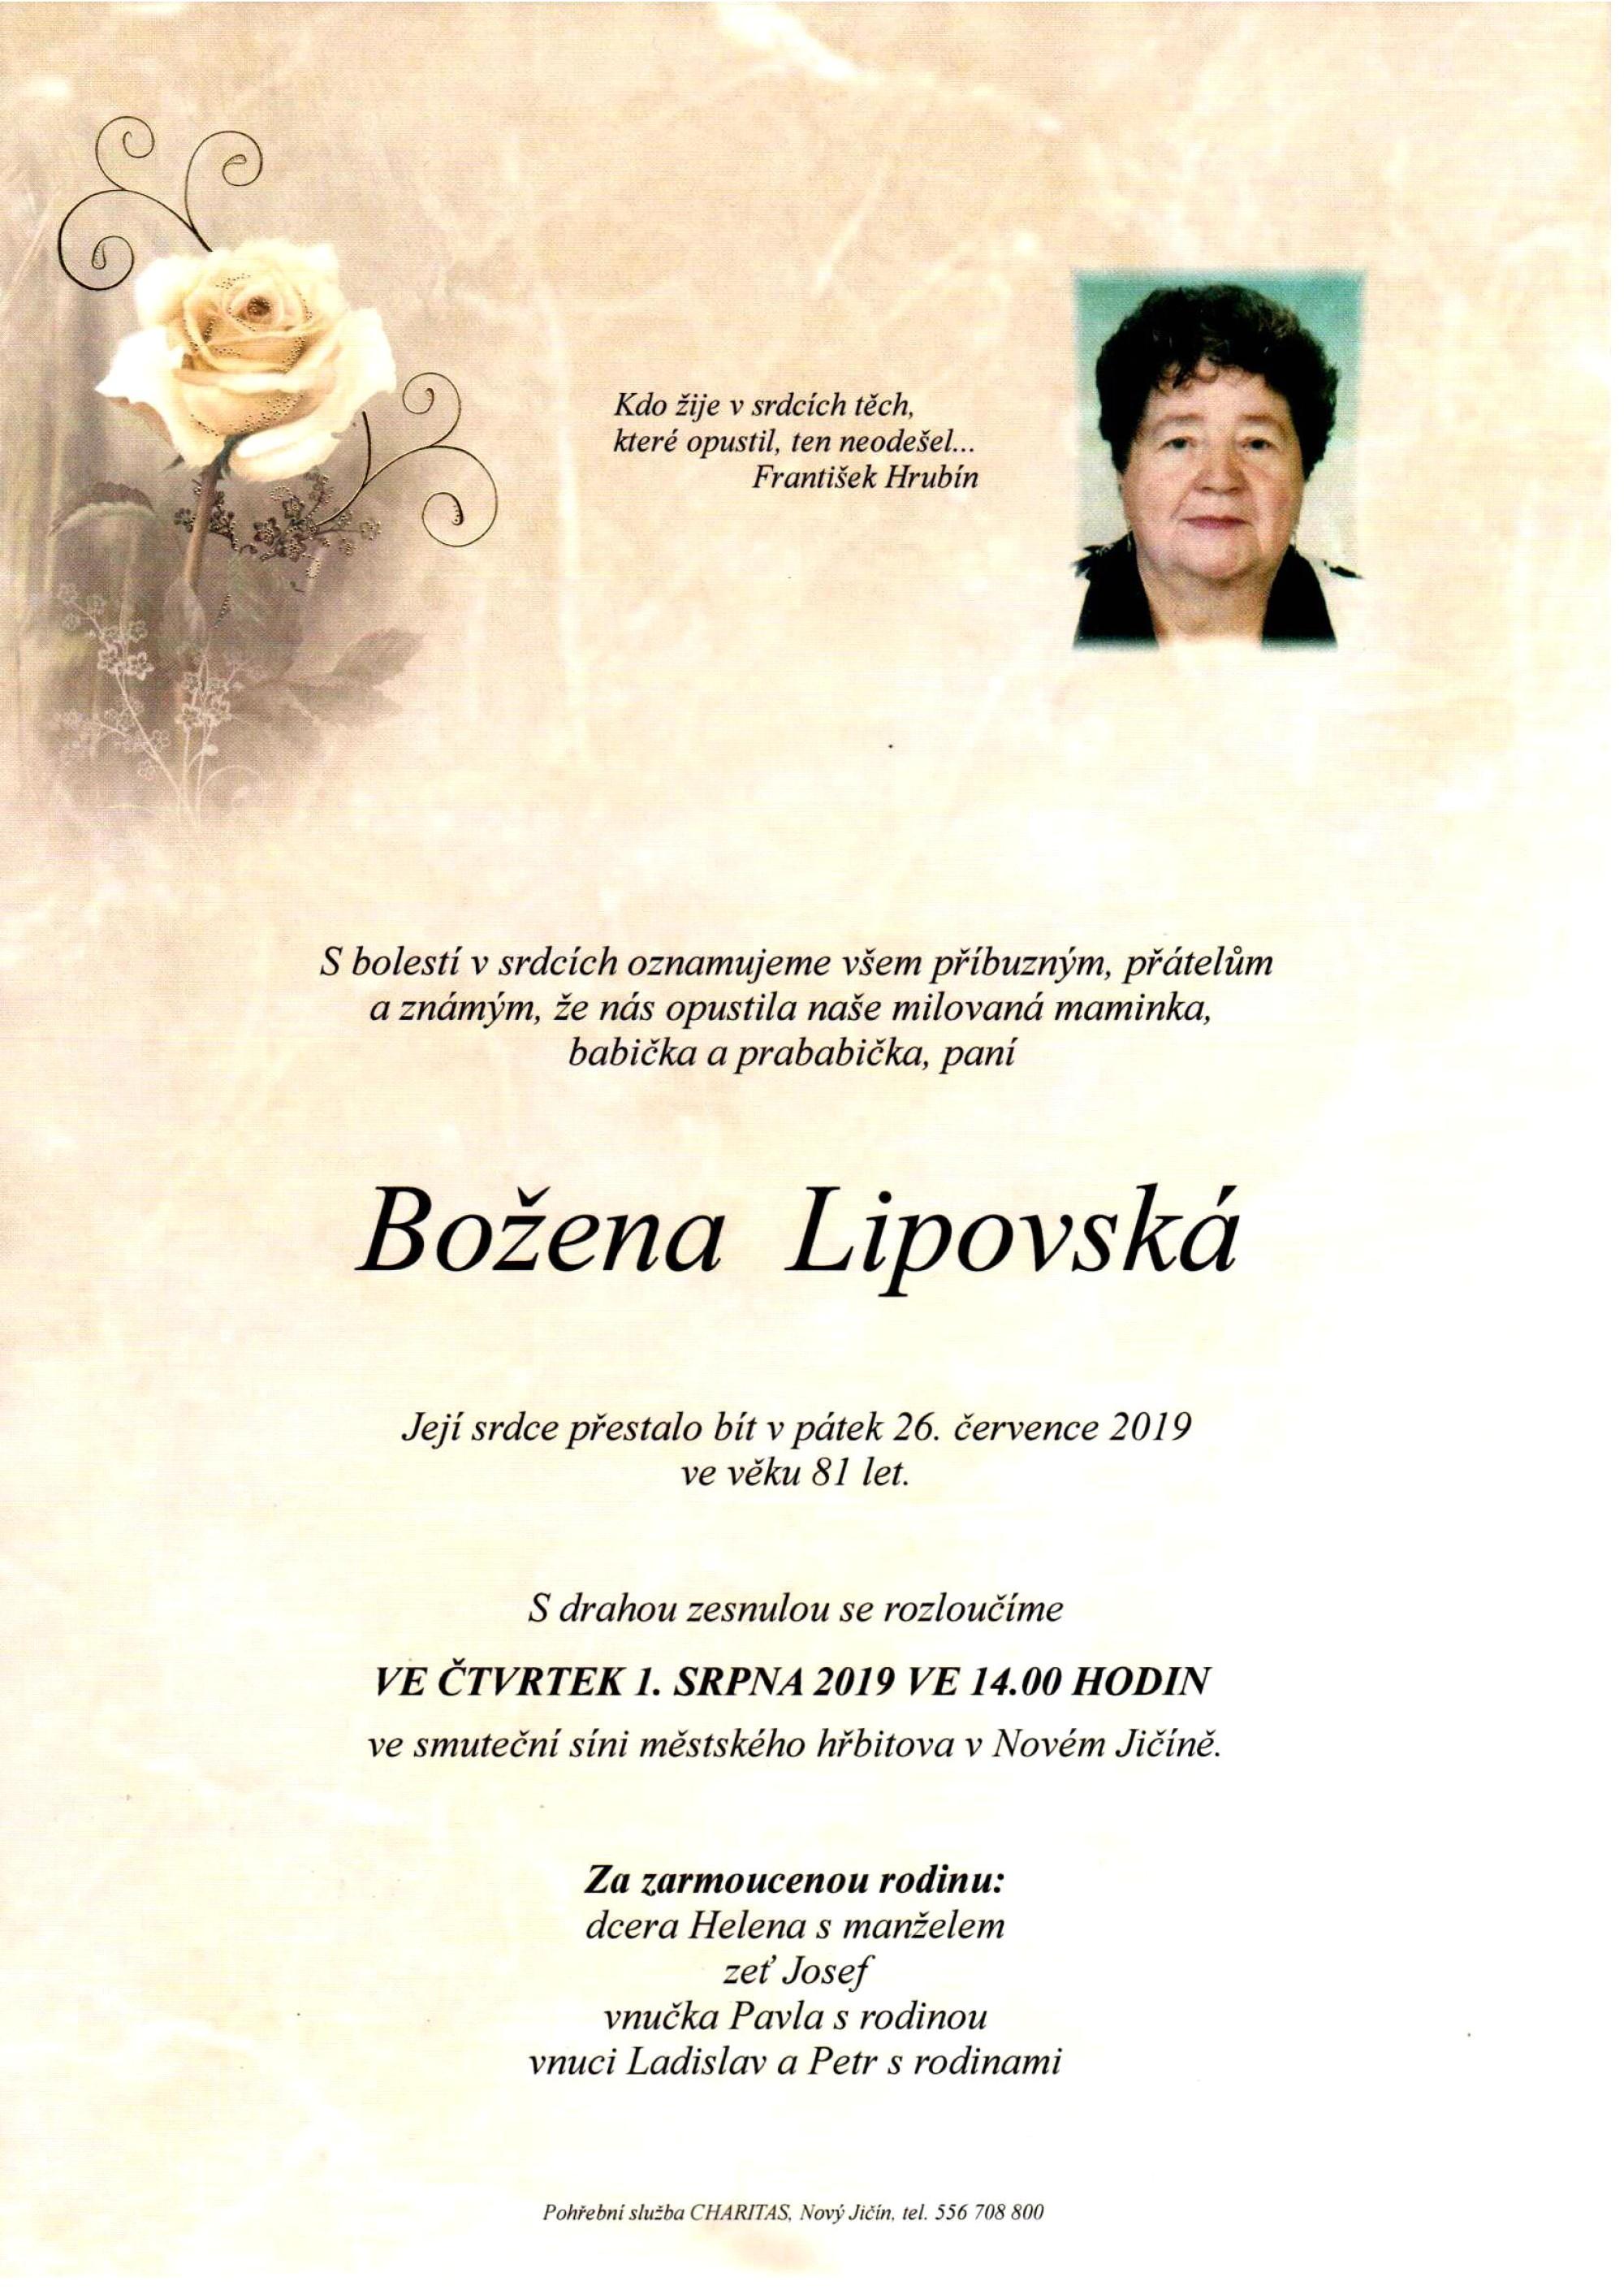 Božena Lipovská